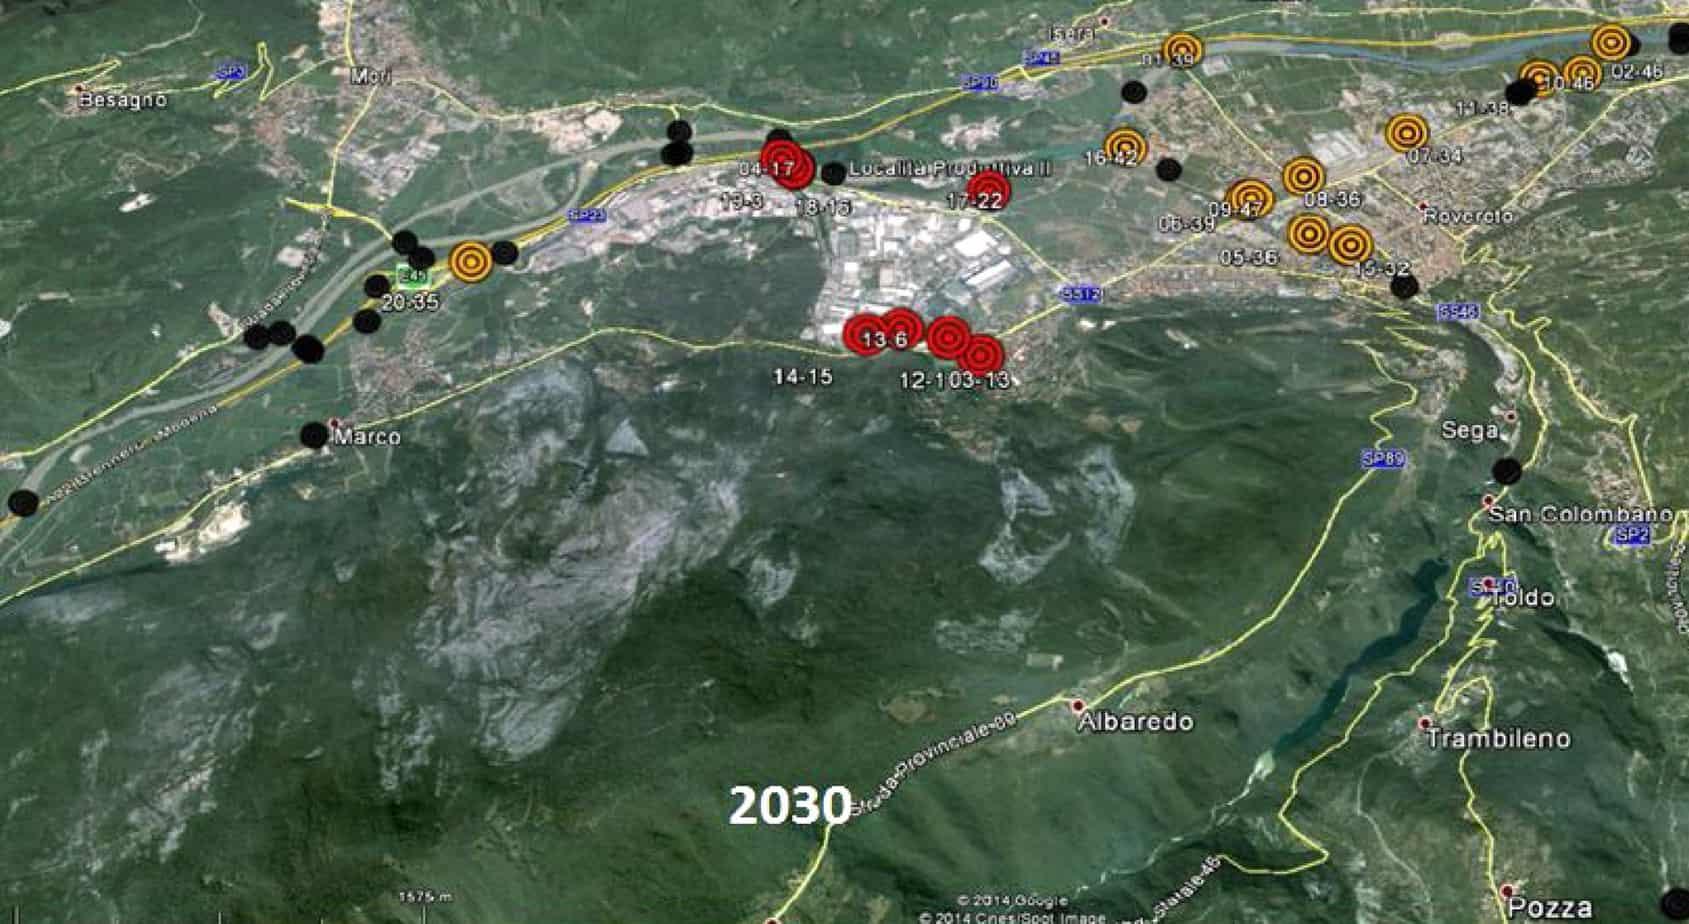 Lo scenario di deterioramento nell'anno 2030 per un gruppo di manufatti situati nel comune di Rovereto